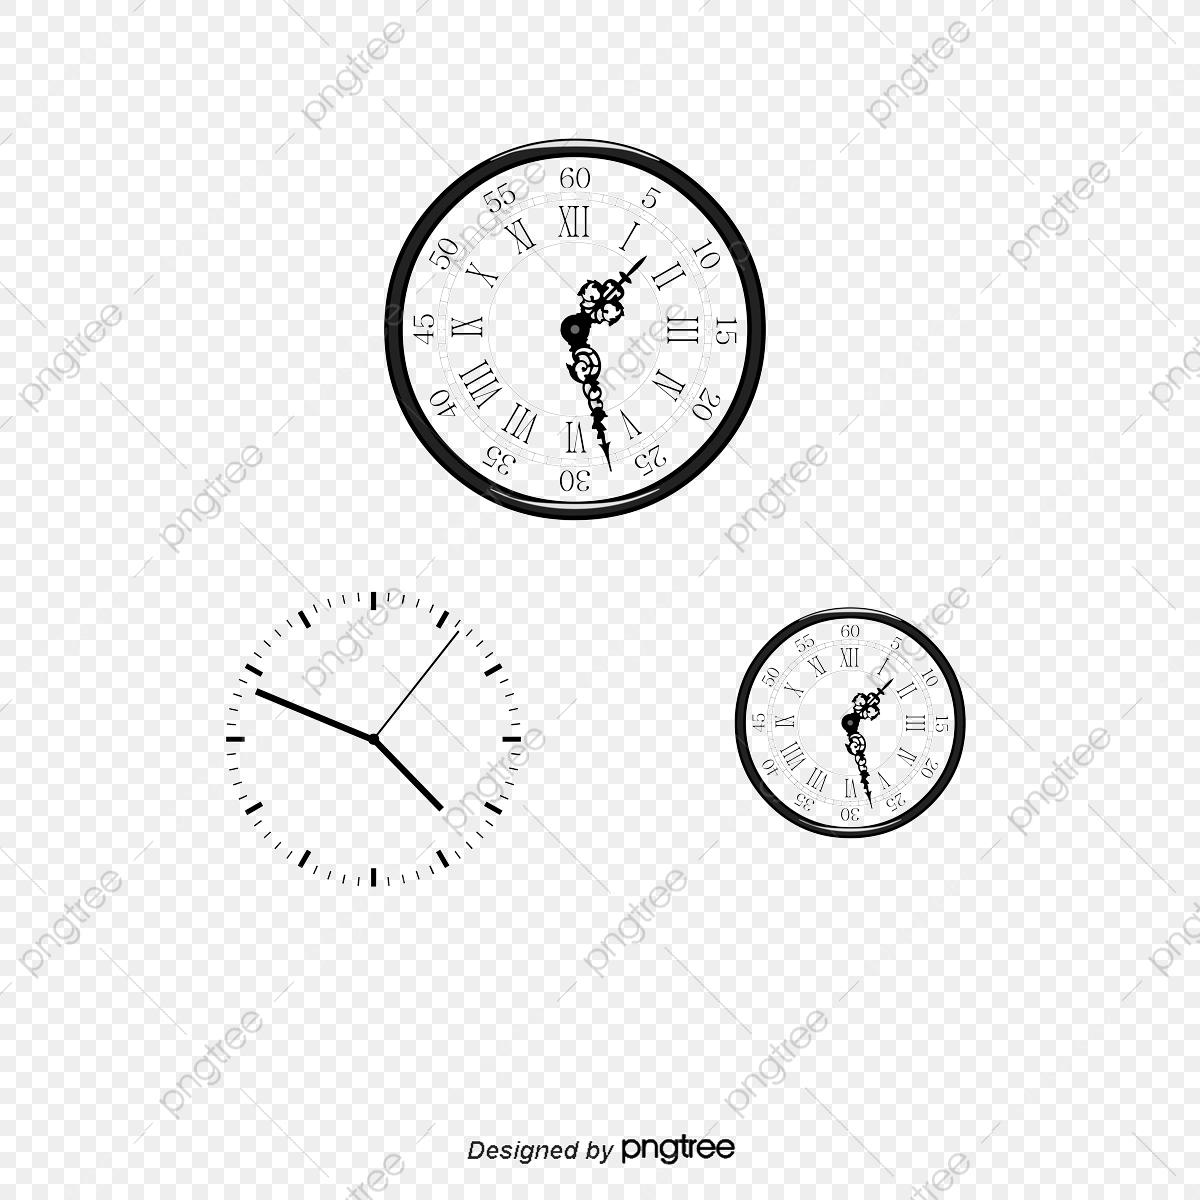 Chiffre Romain Rétro Un Cadran D'horloge, Rétro Horloge intérieur Dessin Chiffre Romain